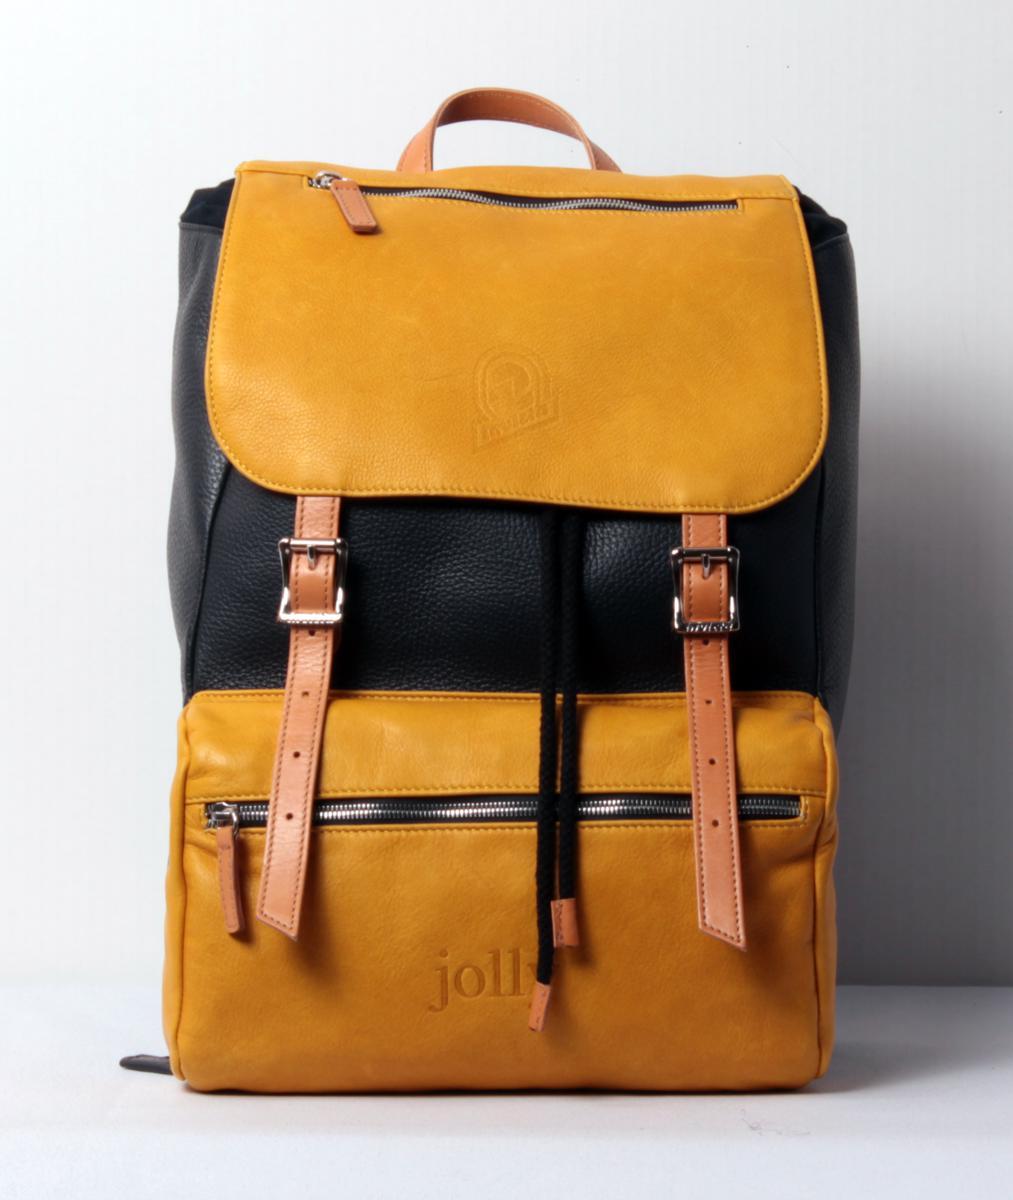 codice promozionale 60e54 dc95a Invicta My Jolly: ritorna a Pitti lo storico zaino | Fashion ...